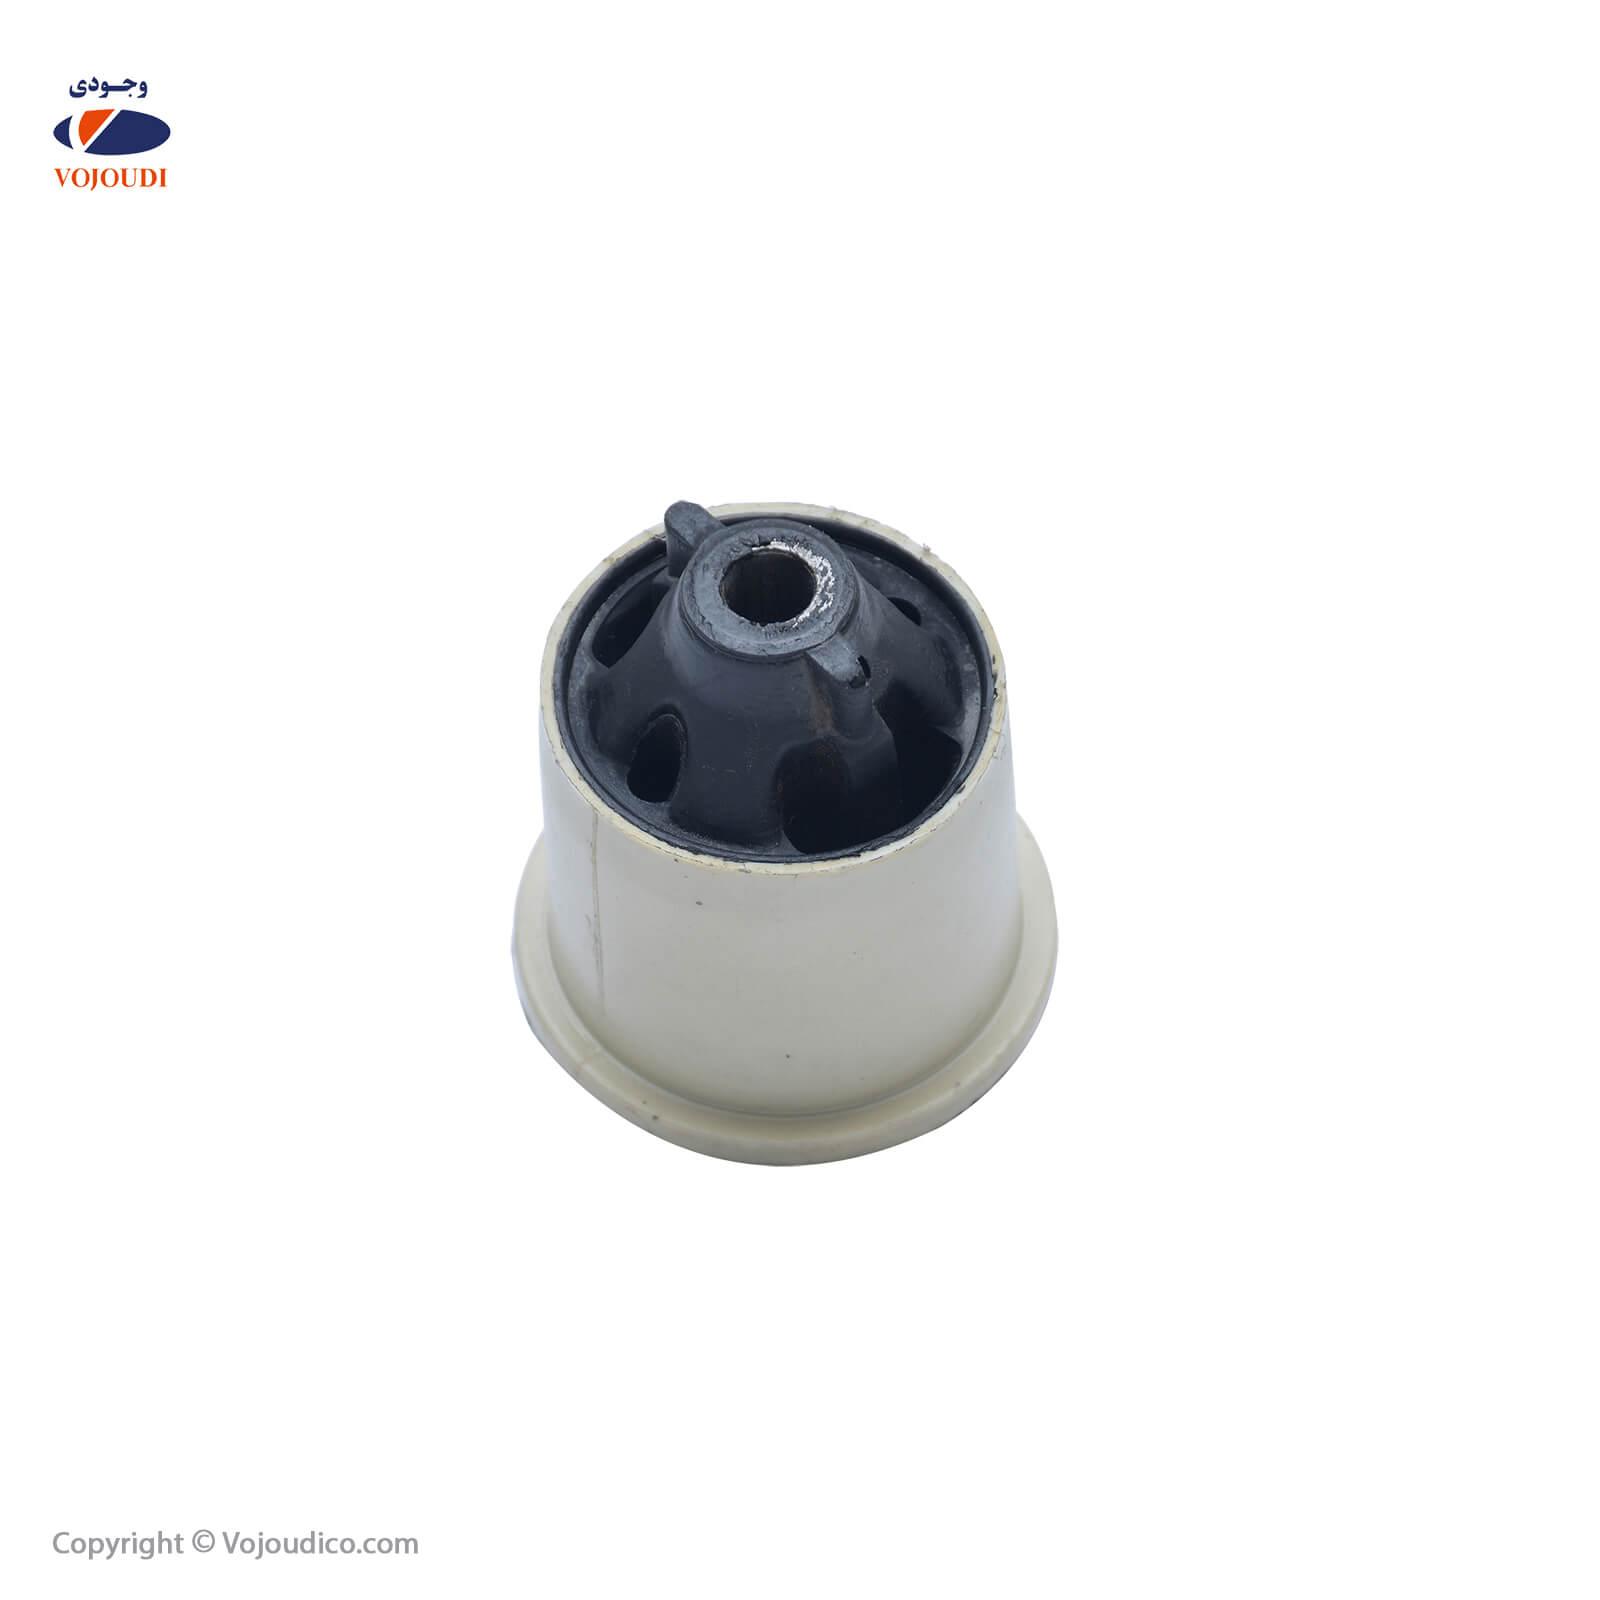 4205 1 - بوش پلاستیک بازوئی ثابت اکسل عقب وجودی کد 4205 ، تعداد در بسته : 12 عدد